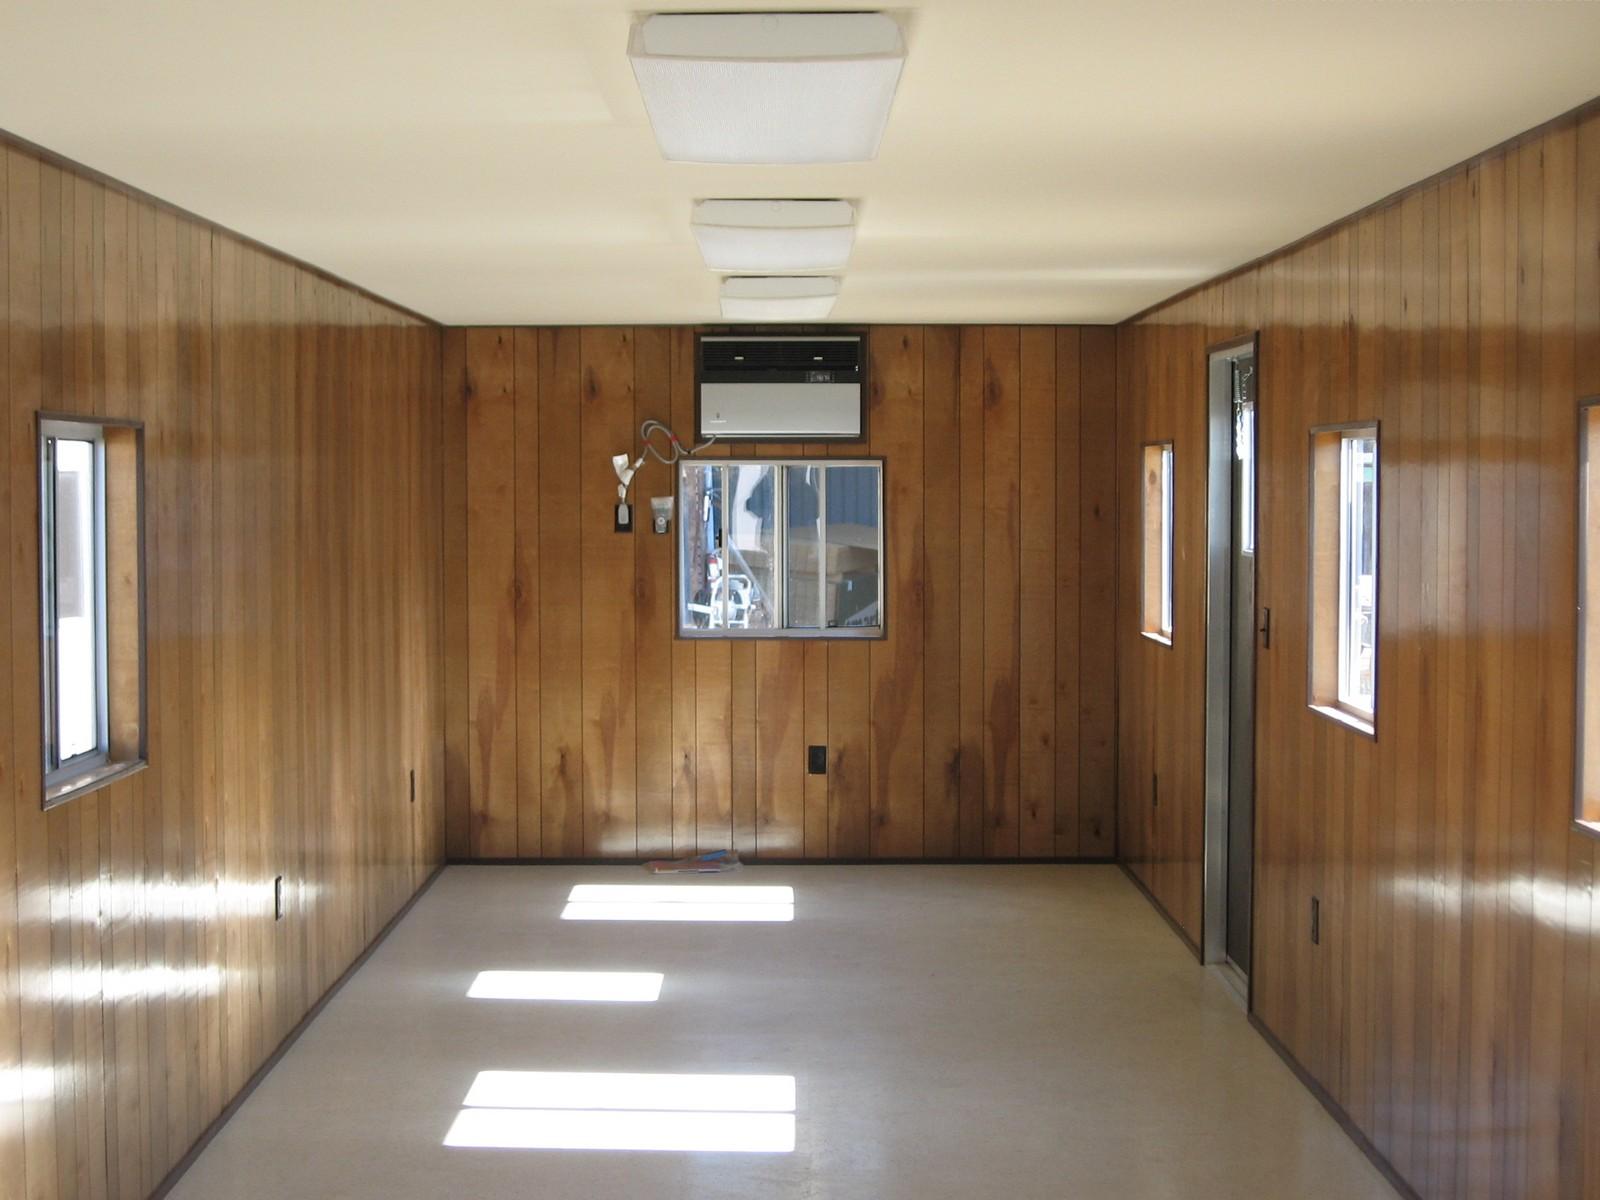 10x40pic interior 01